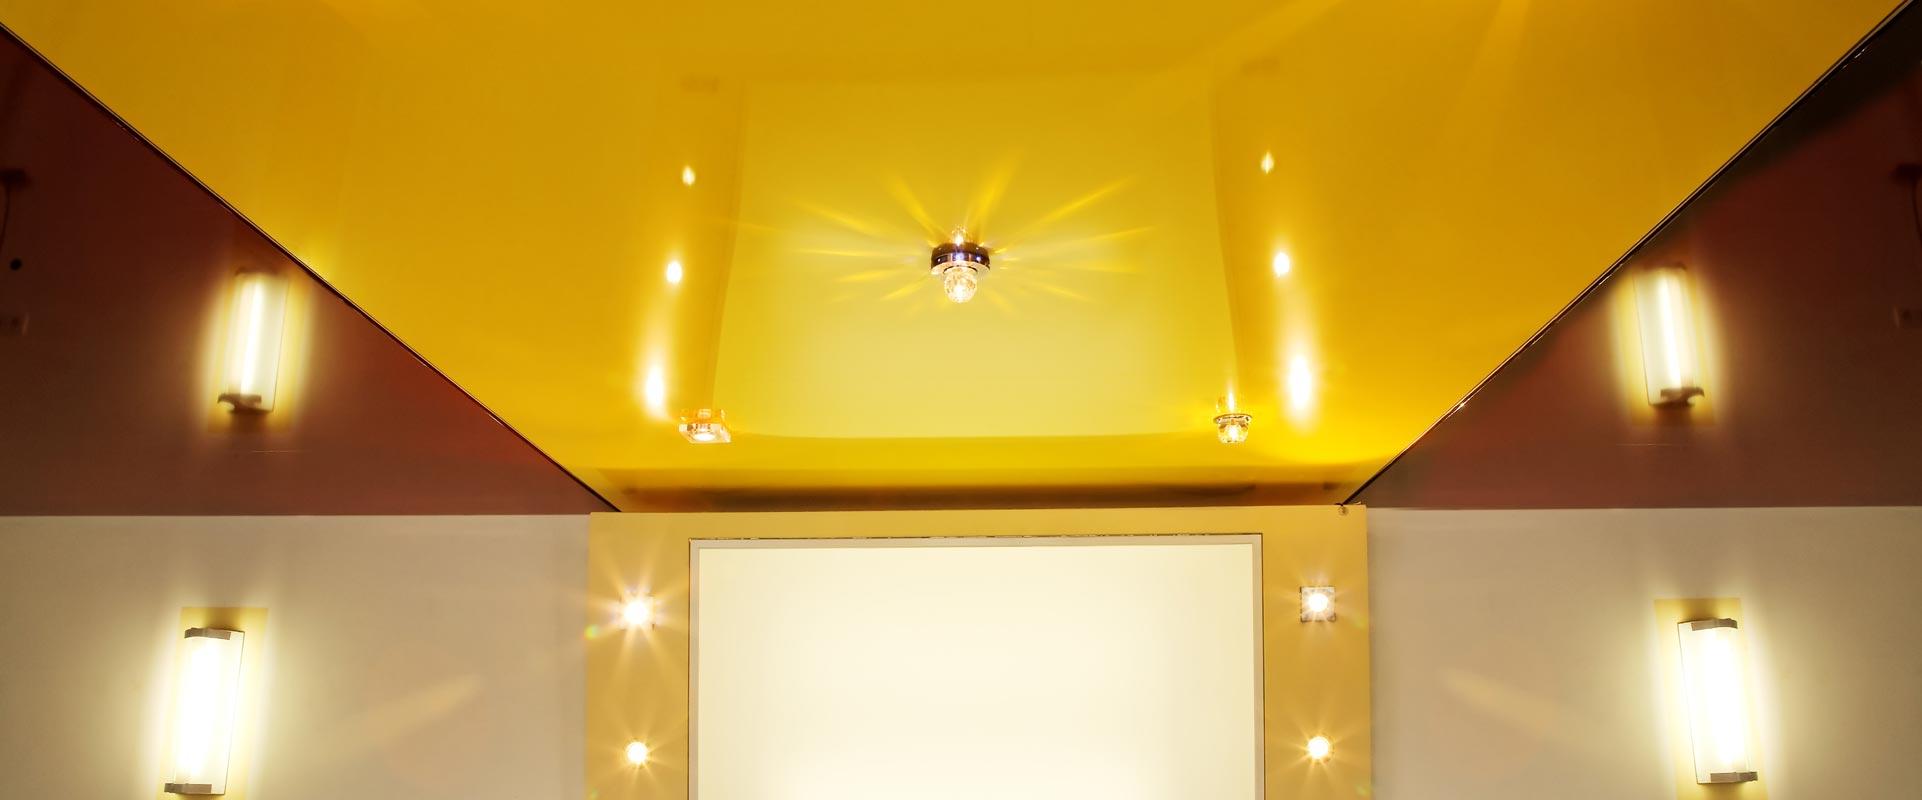 Plafond tendu et décoration